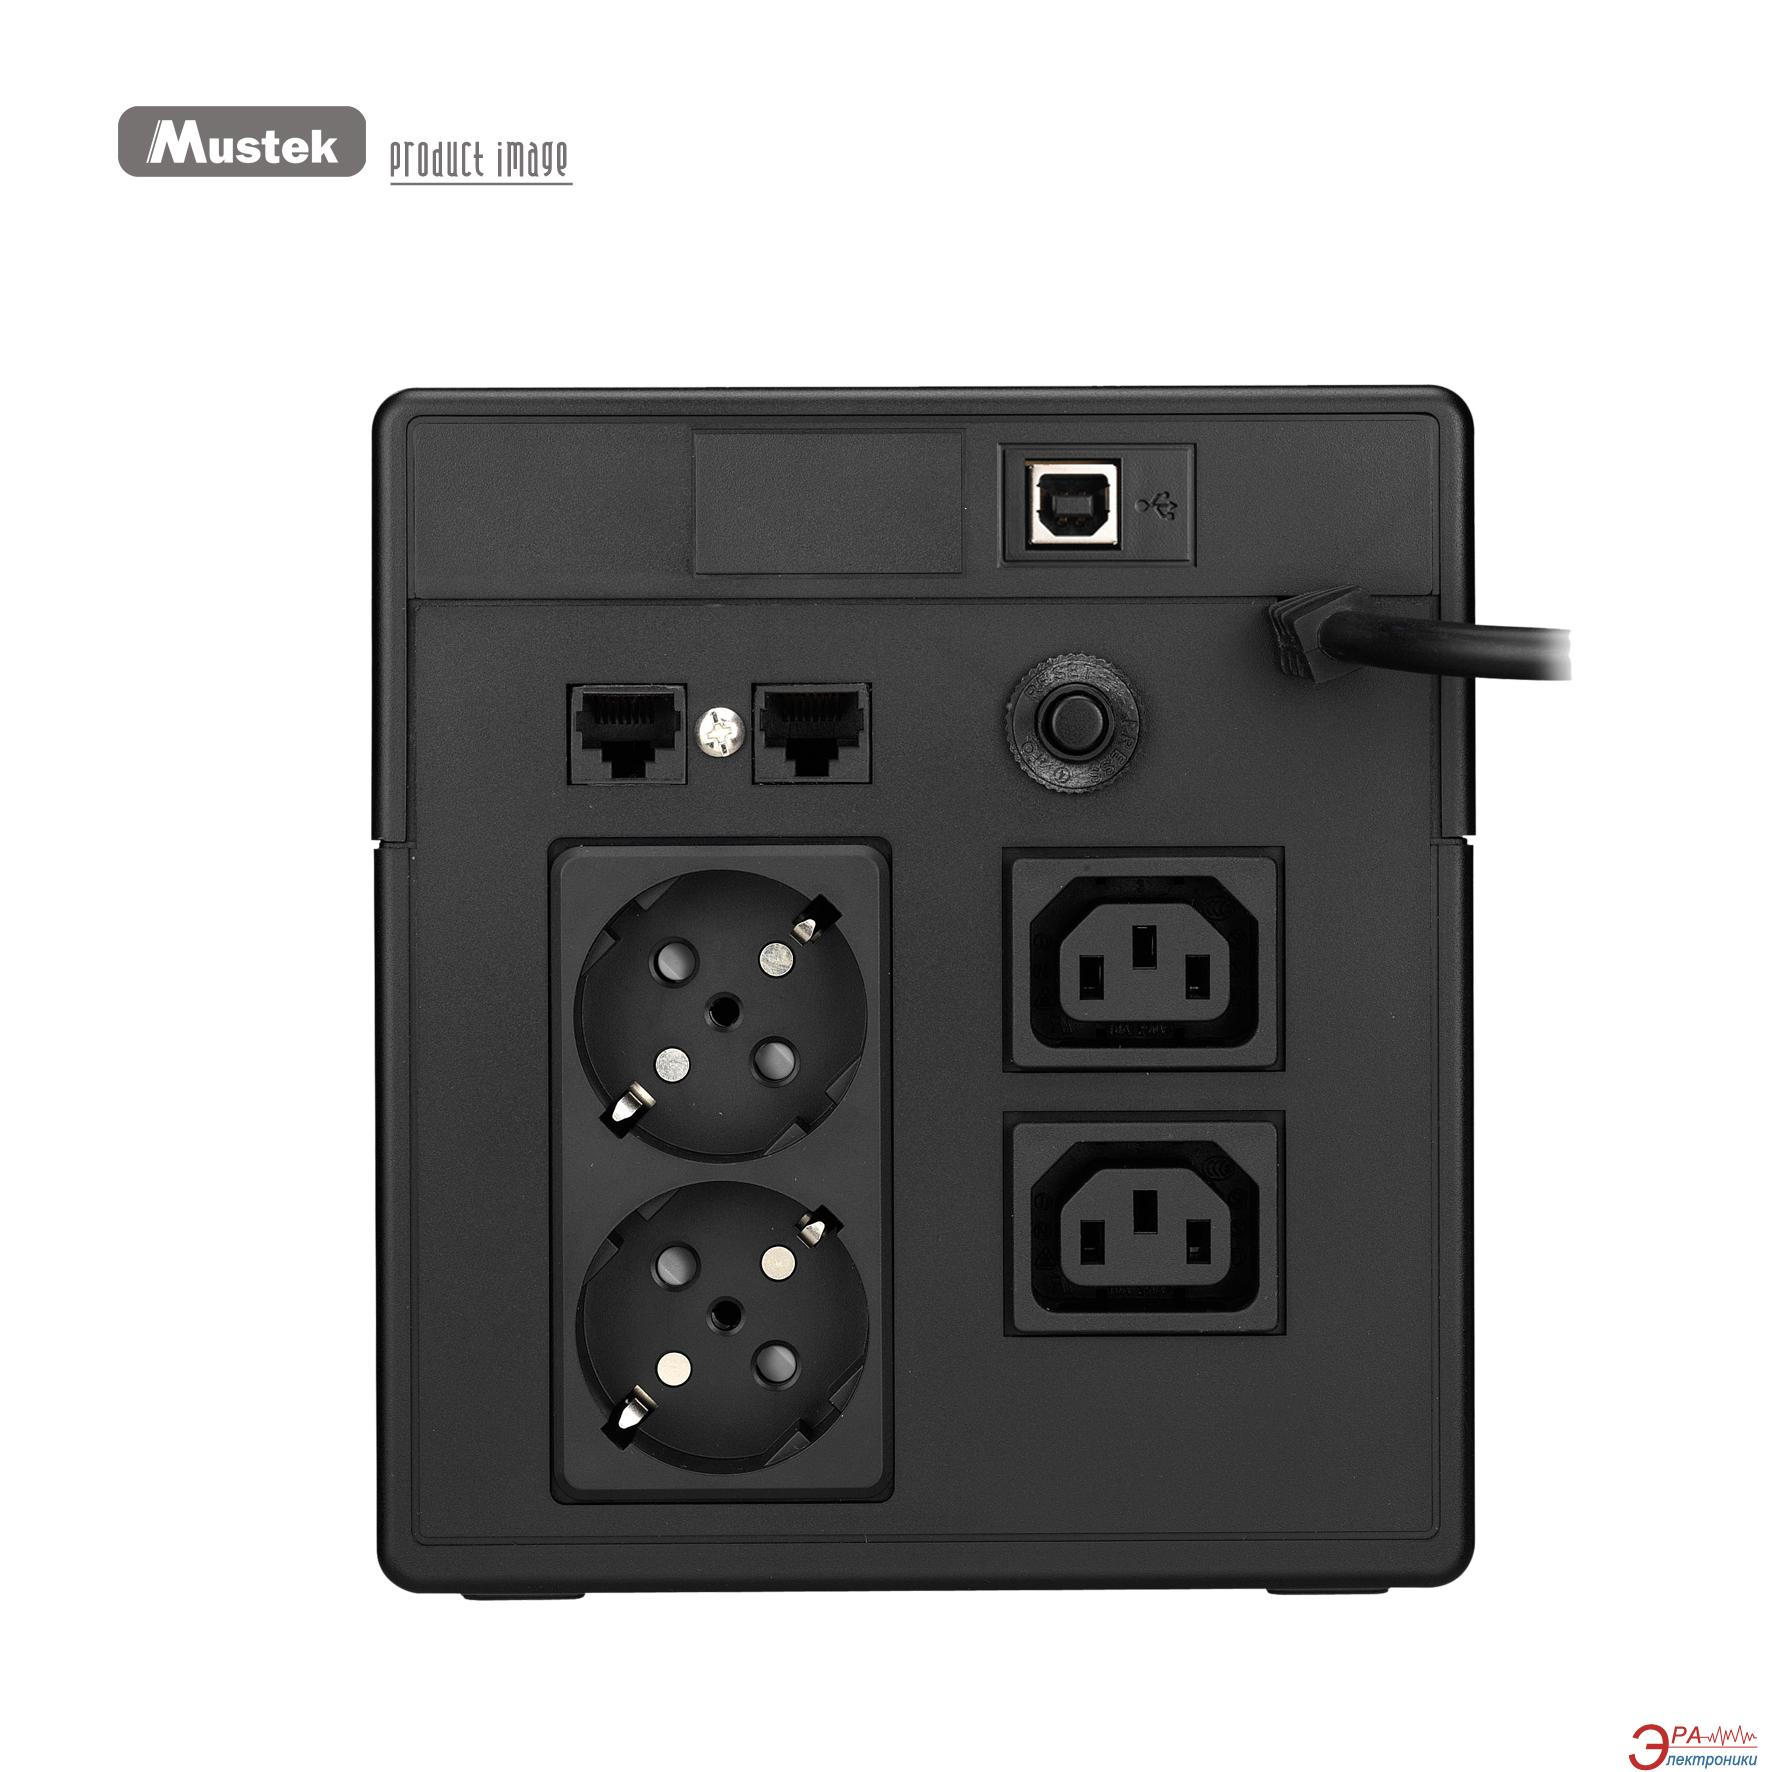 ИБП Mustek PowerMust 1060 (98-UPS-VL106)